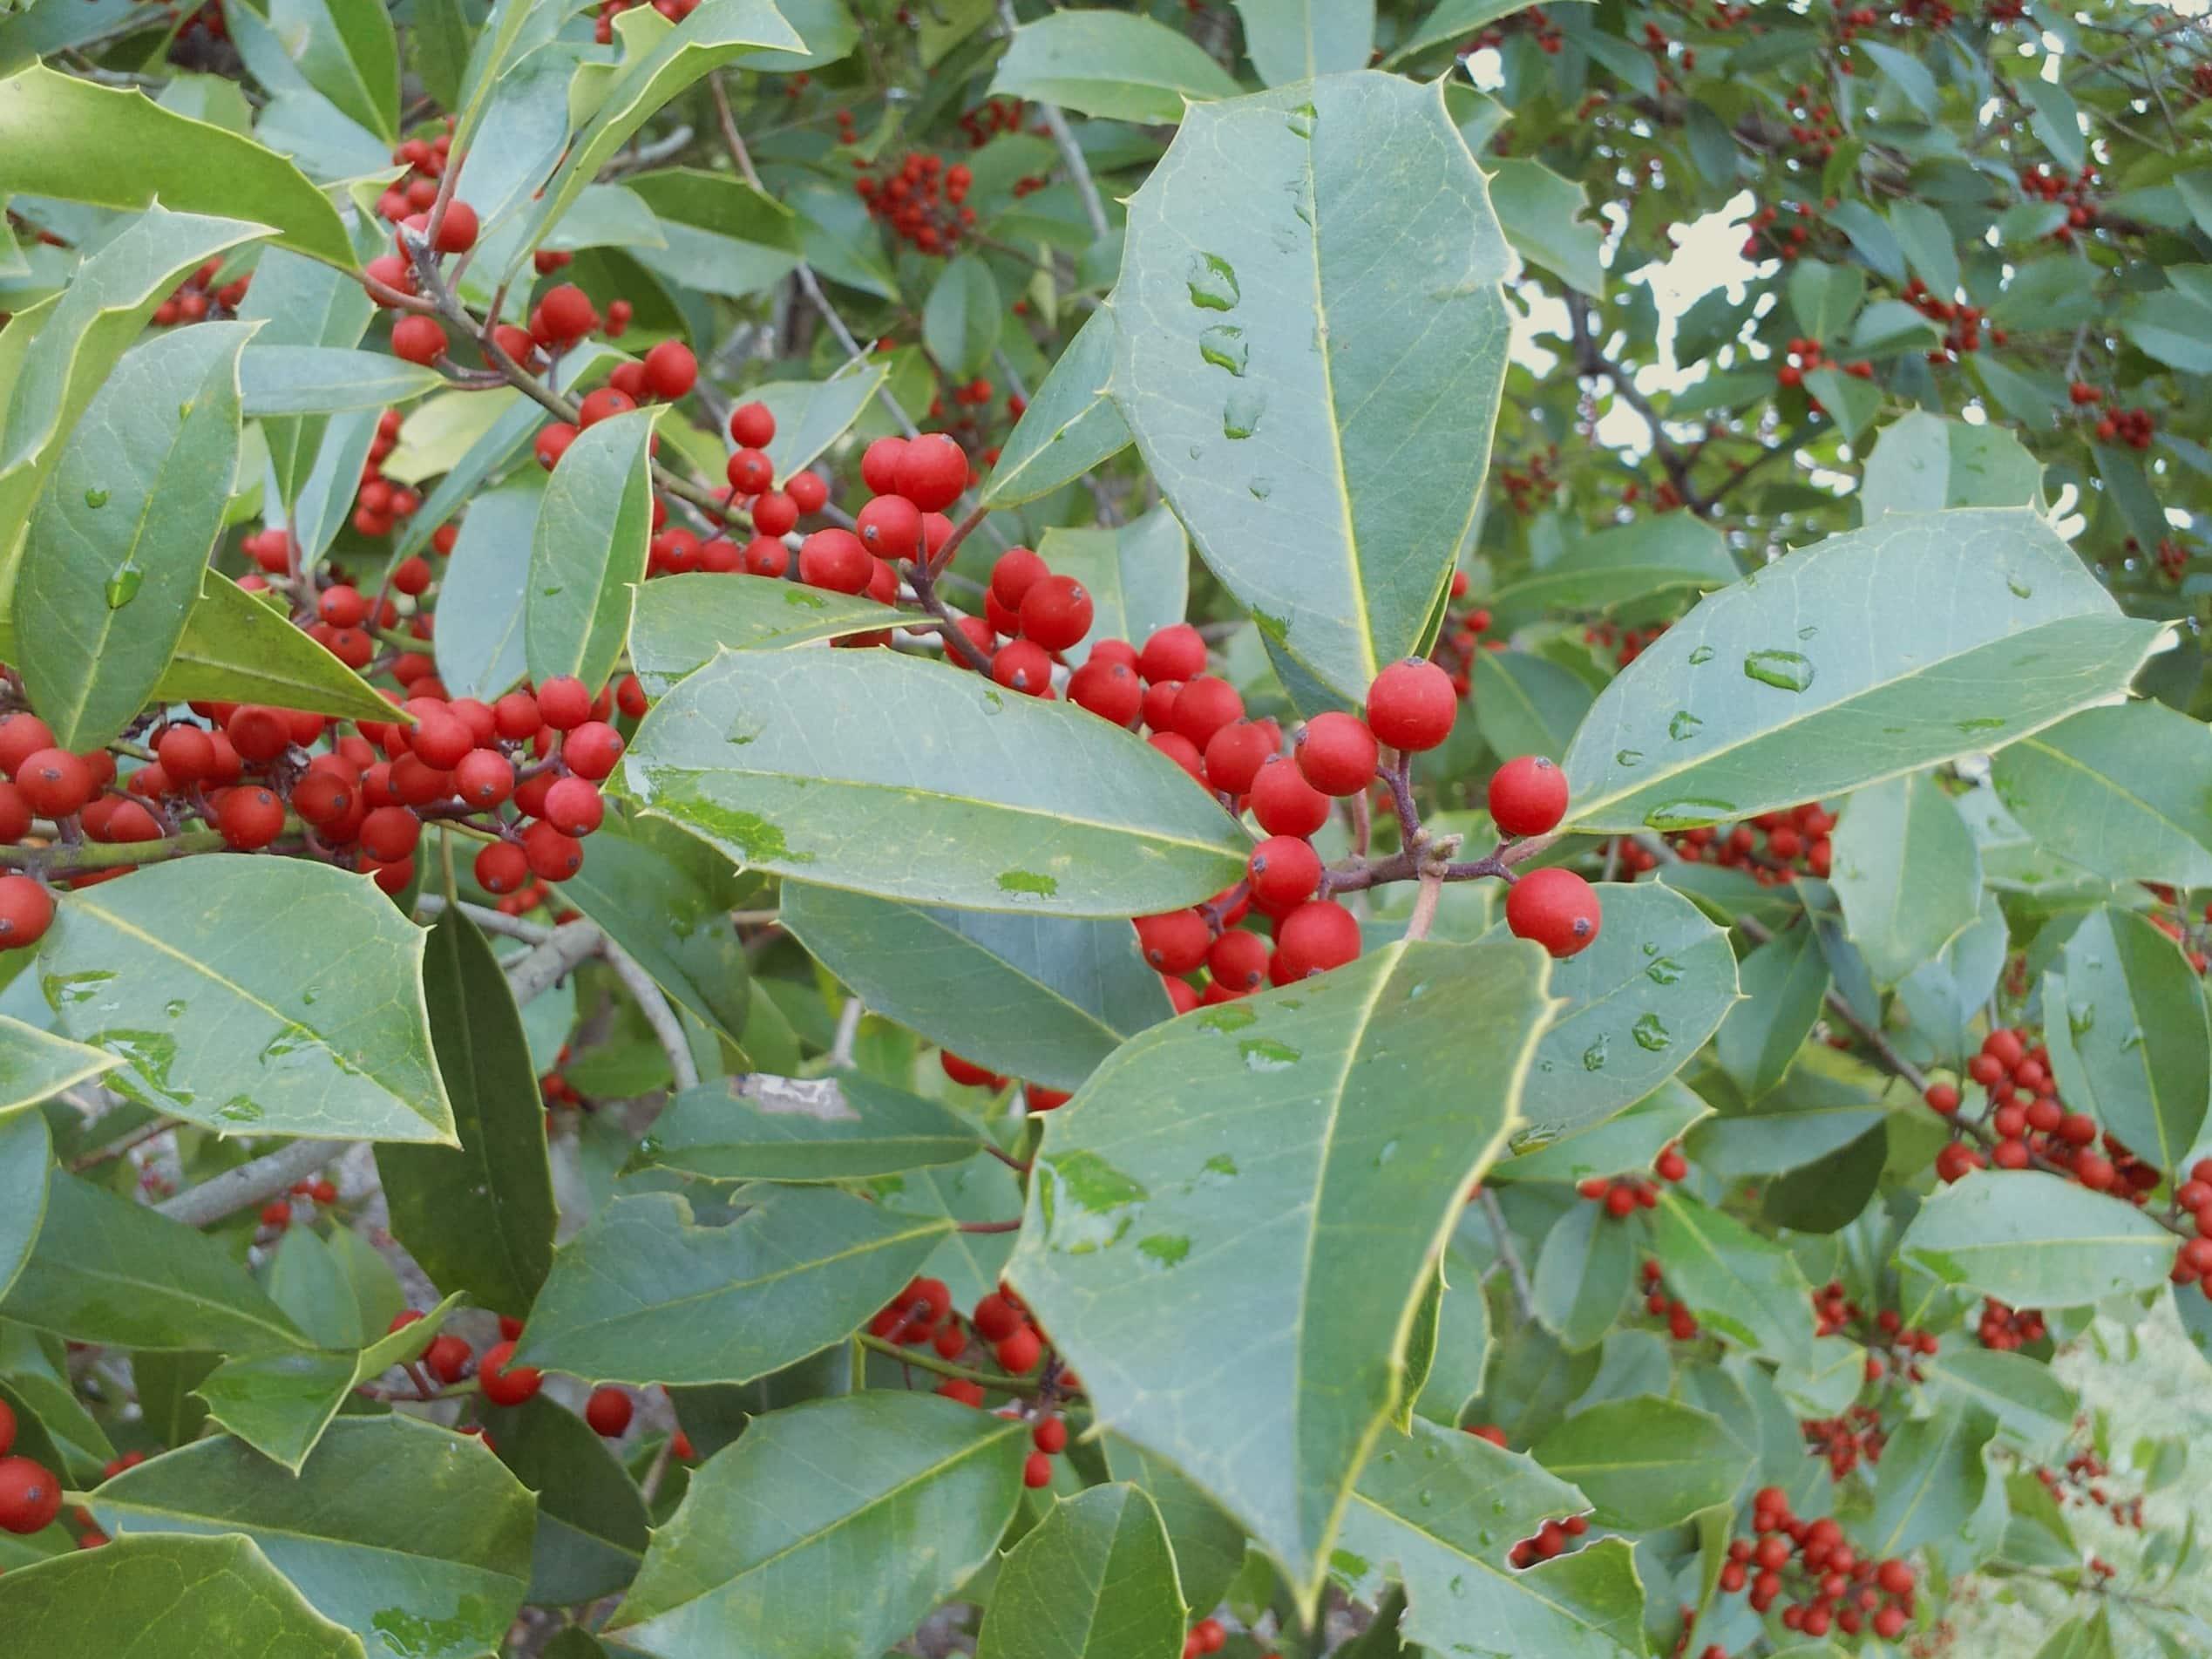 Berühmt Kostenlose Bild: Ökologie, grünes Blatt, Natur, Baum, Rote Beere #PO_99